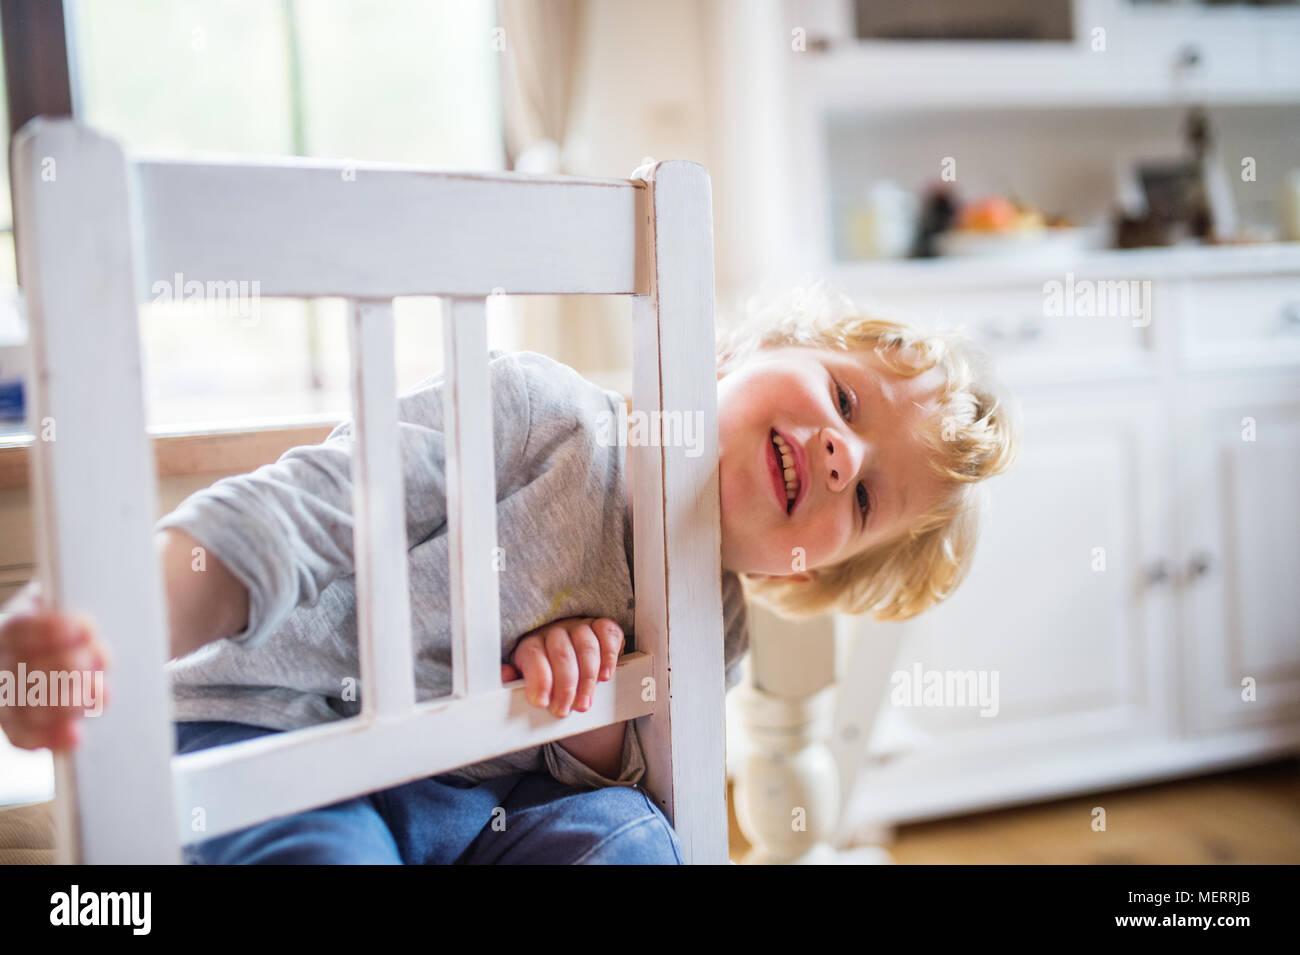 Uma criança menino sentado na cadeira em casa. Imagens de Stock